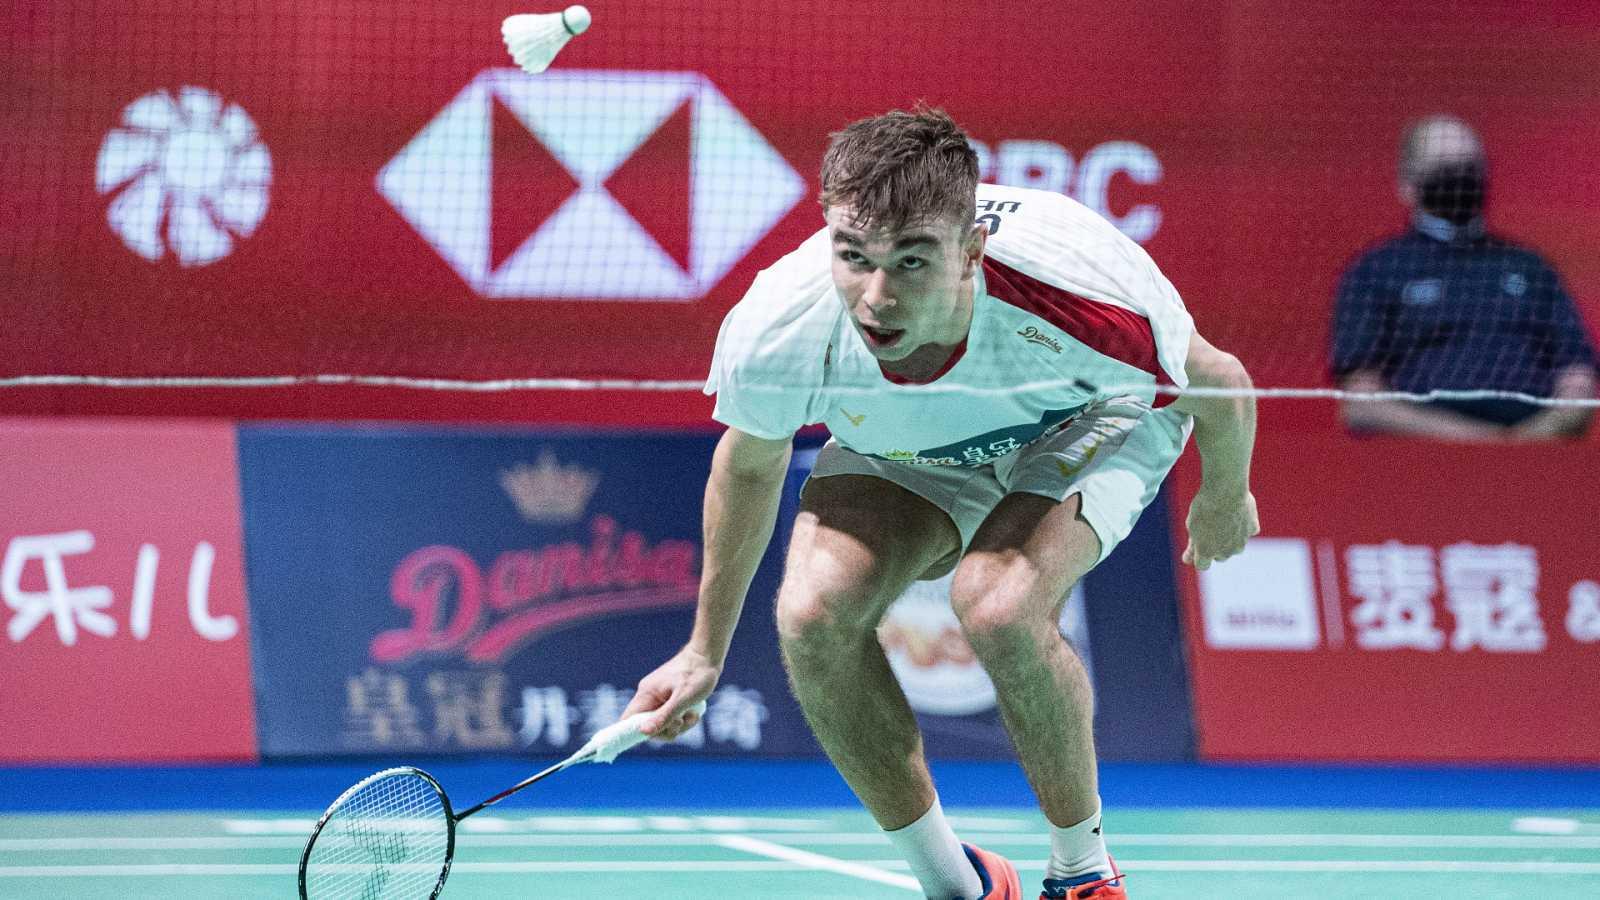 Bádminton - Danisa Denmark Open. Final individual masculina: R. Gemke - A. Antonsen - ver ahora